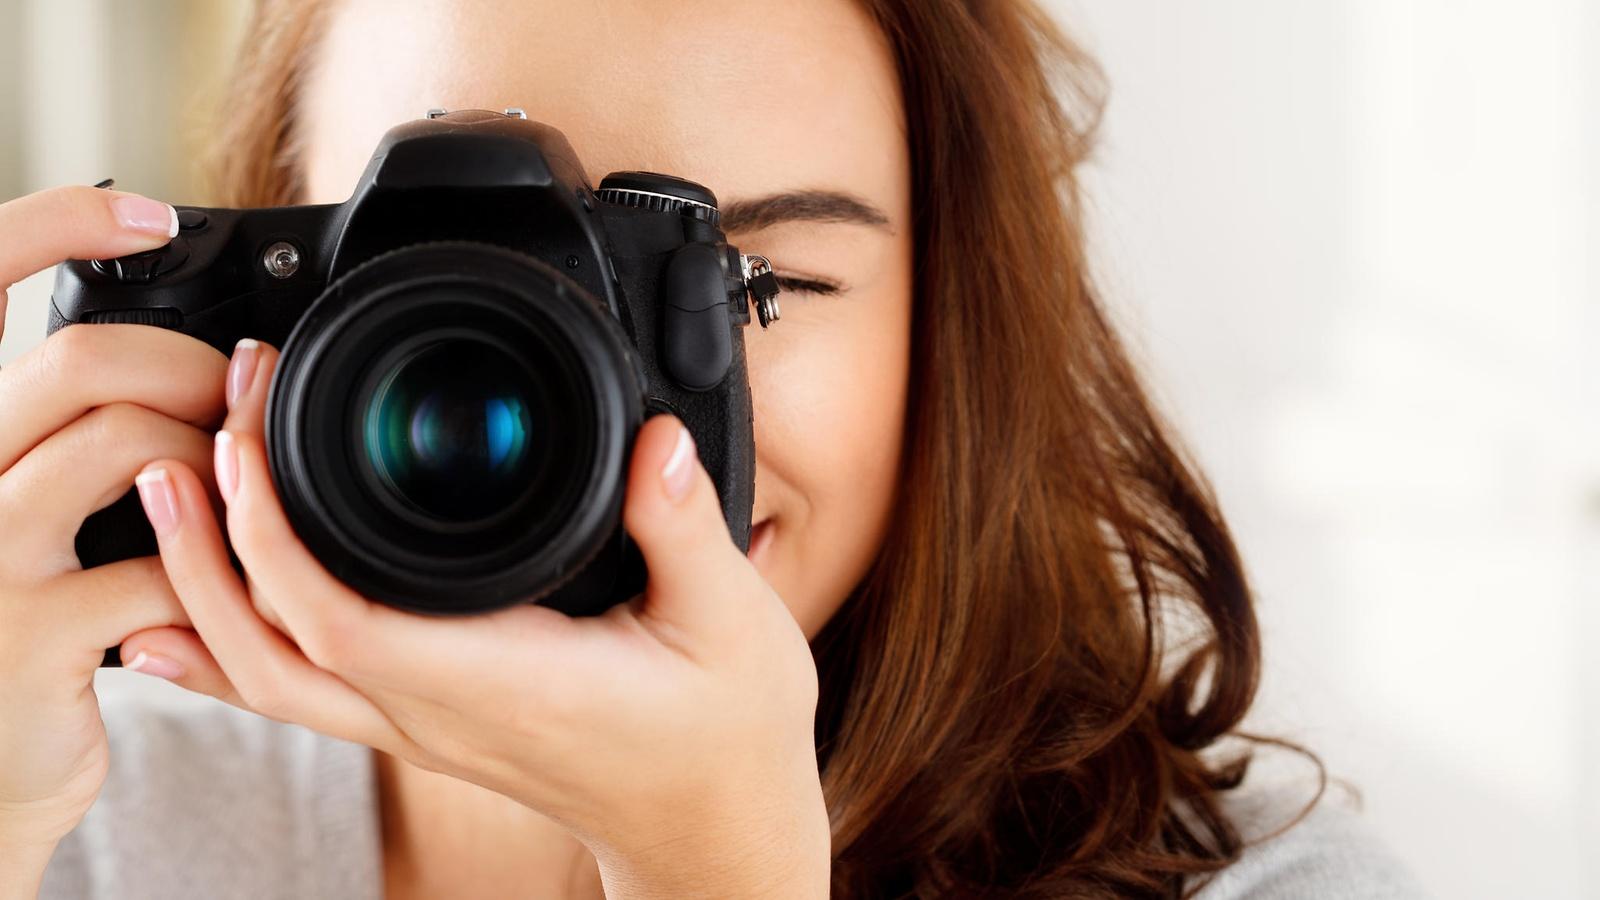 papka-foto-pobedi-zavisimost-ot-socsetejj-7-shagov-na-puti-k-svobode-fotografirovat